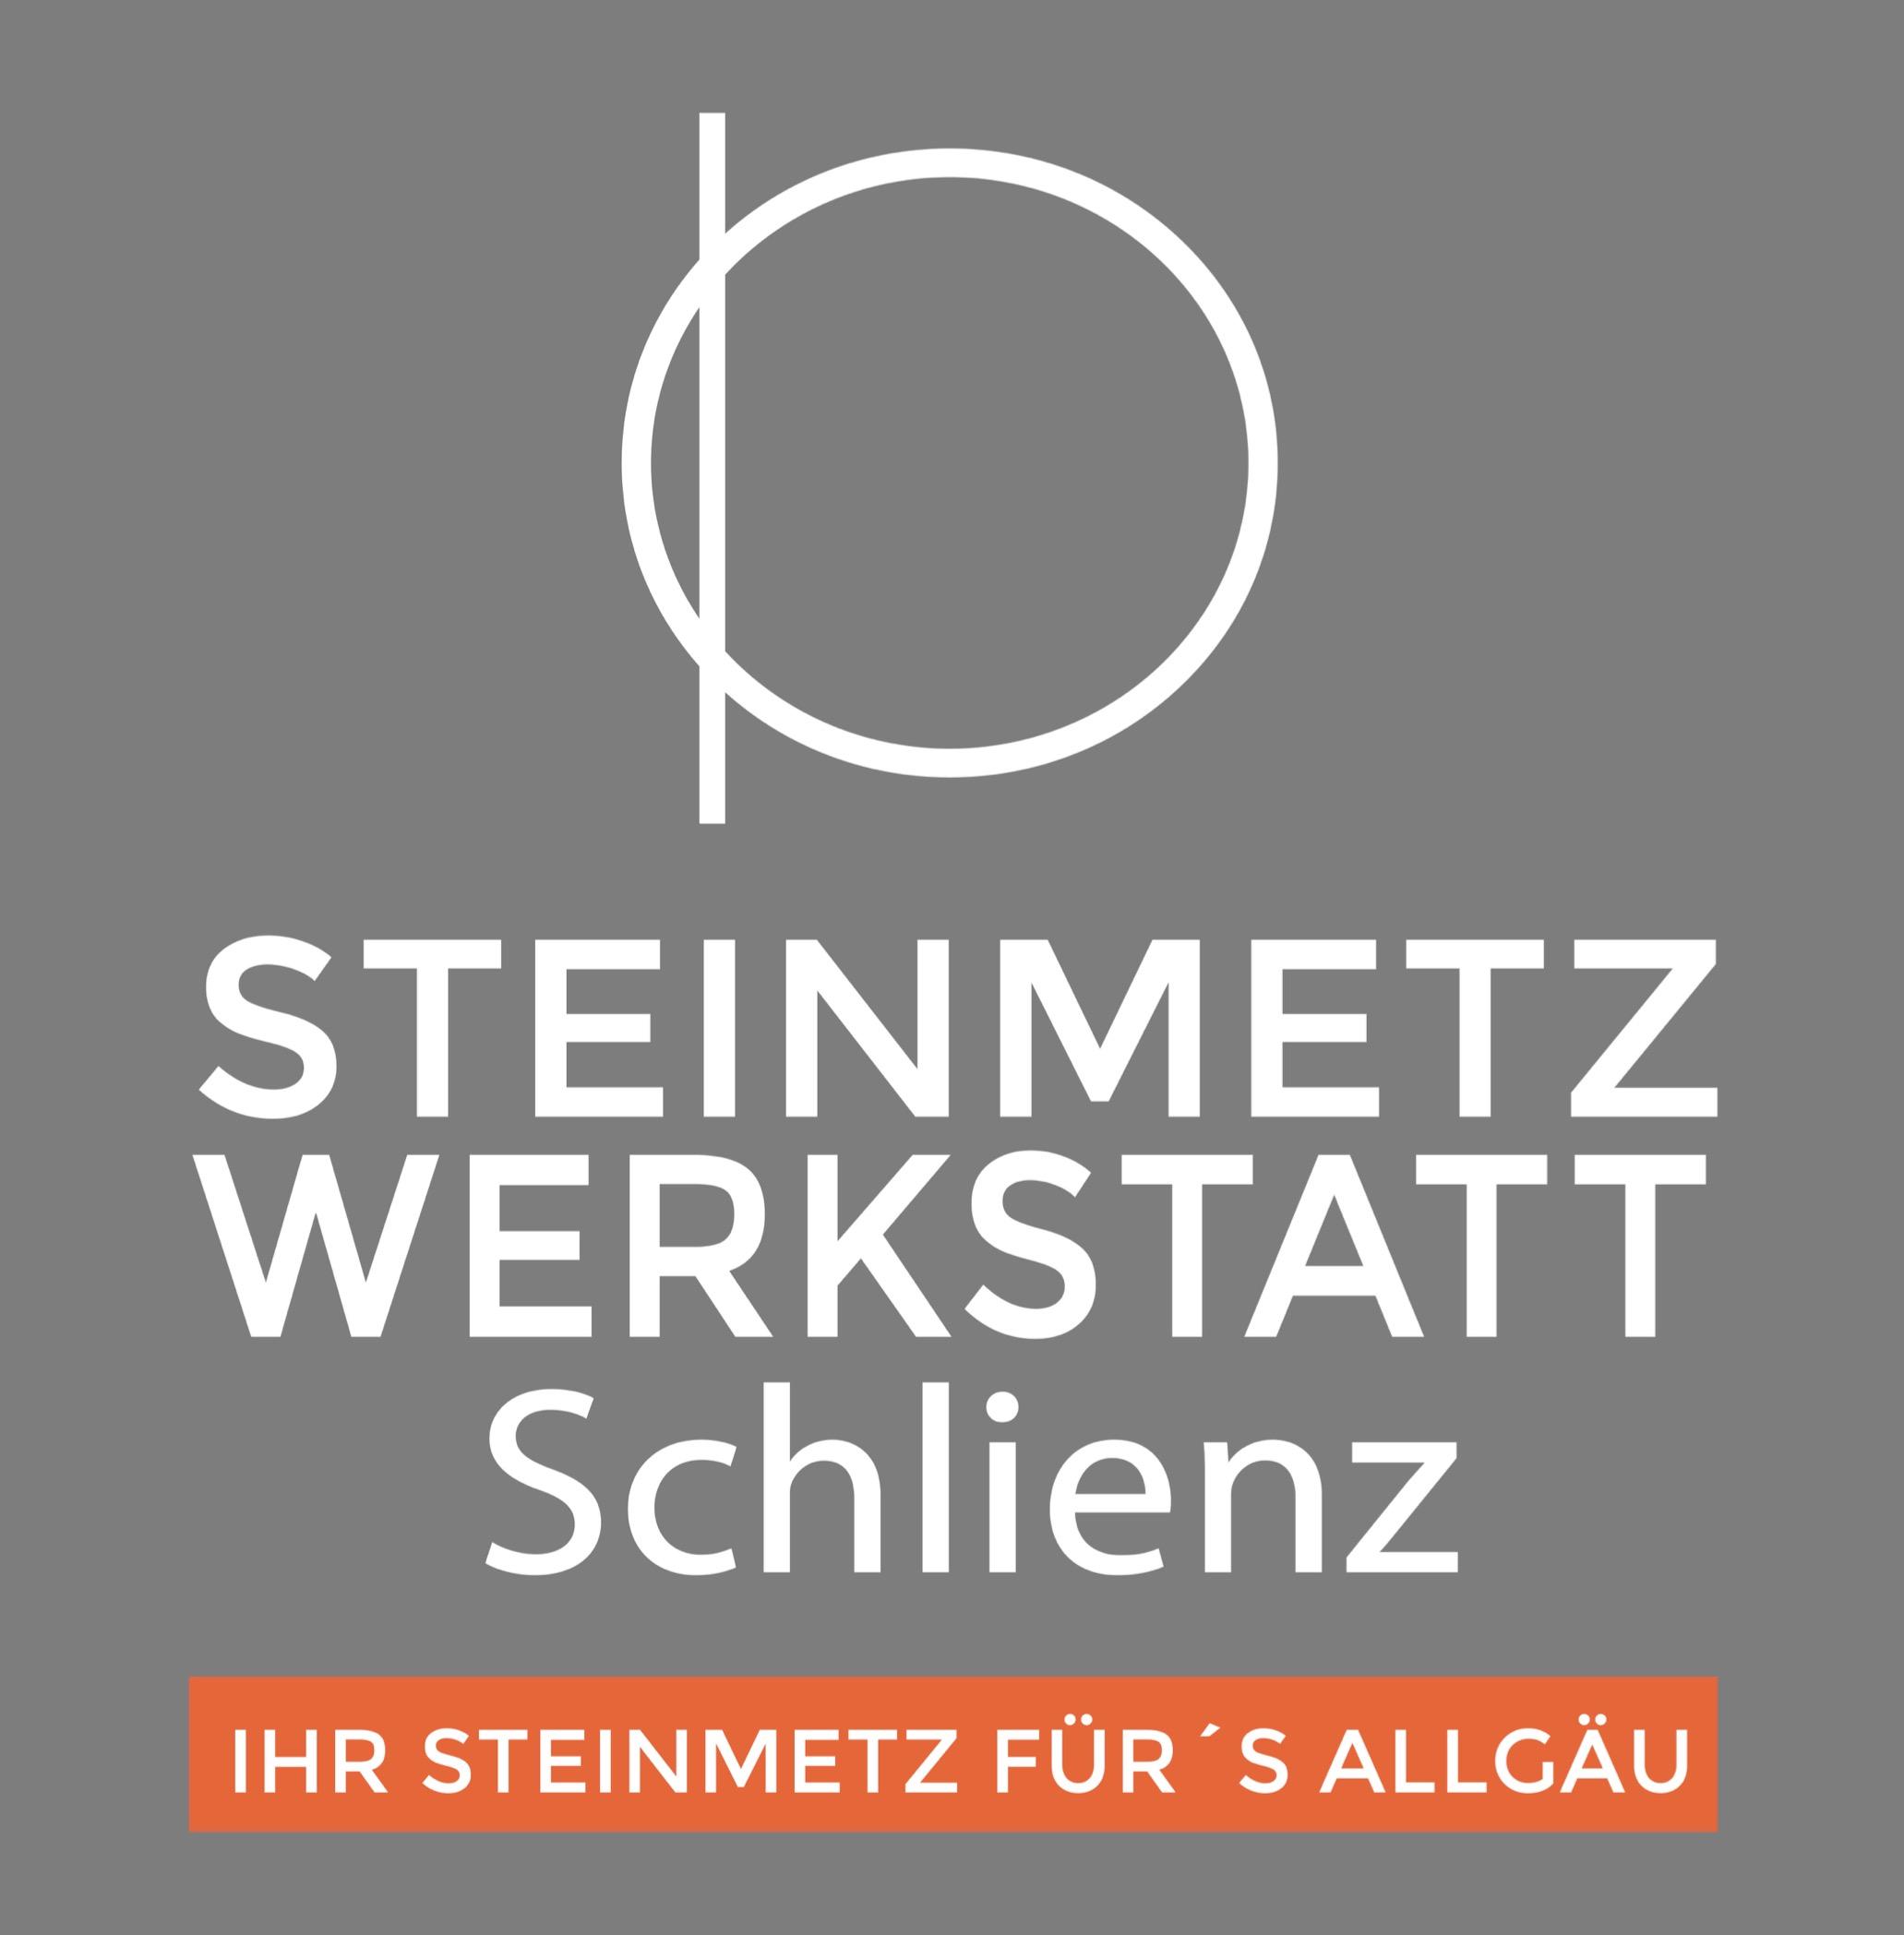 Steinmetzwerkstatt Schlienz